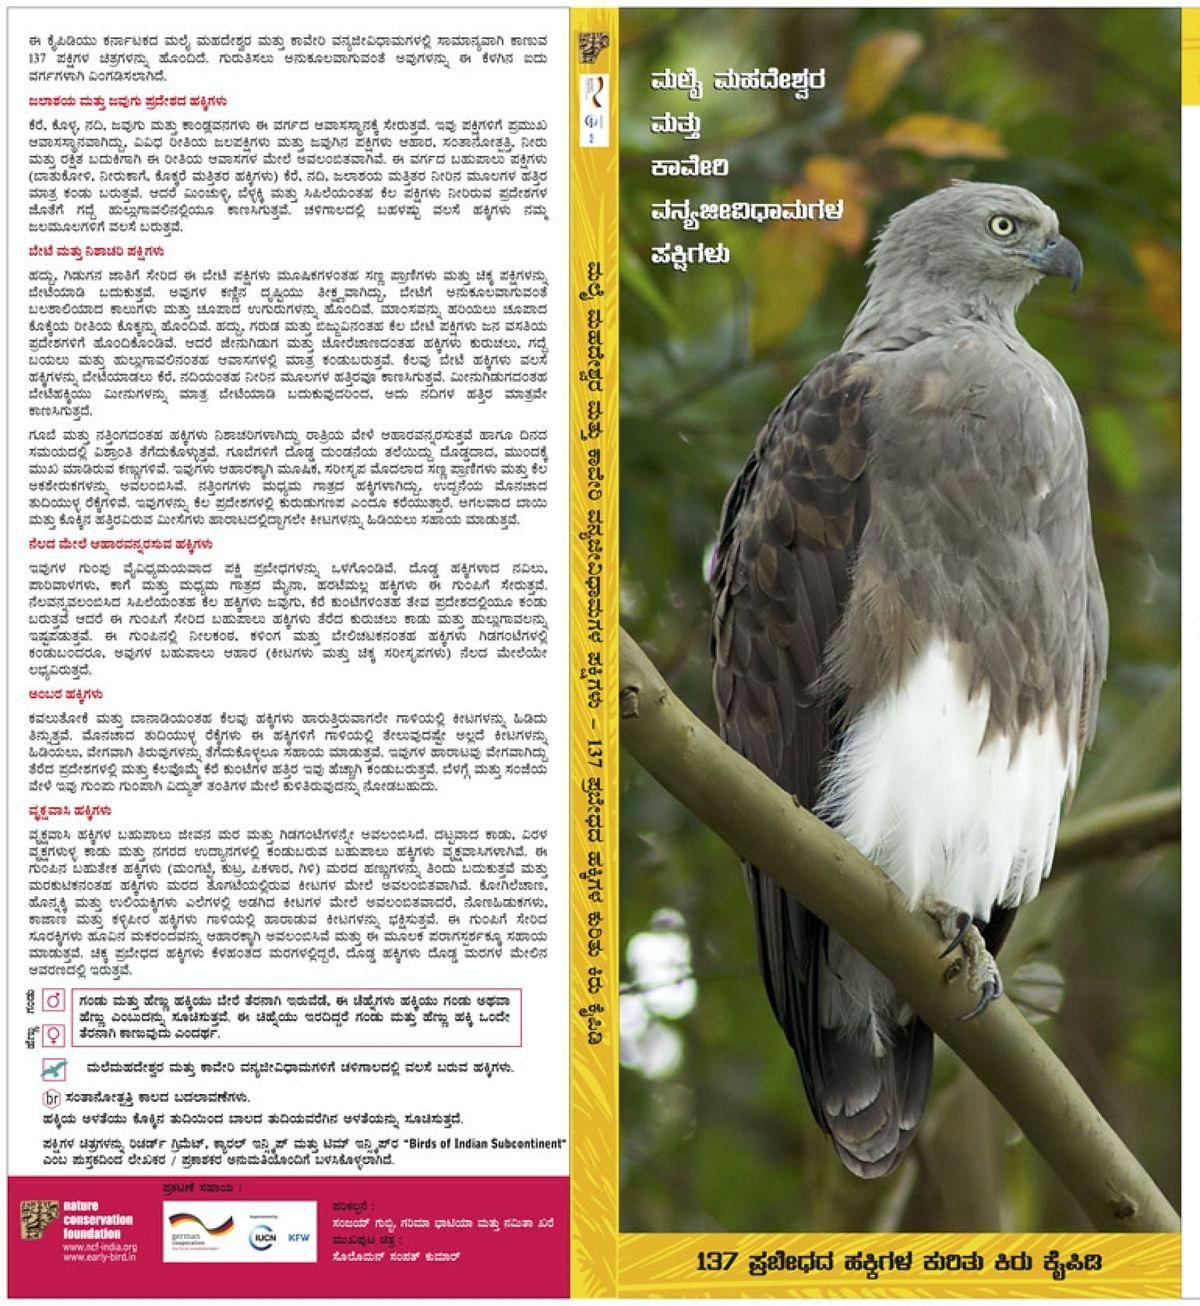 Common birds of Malai Mahadeshwara and Cauvery Wildlife Sanctuaries - A bilingual pocket guide